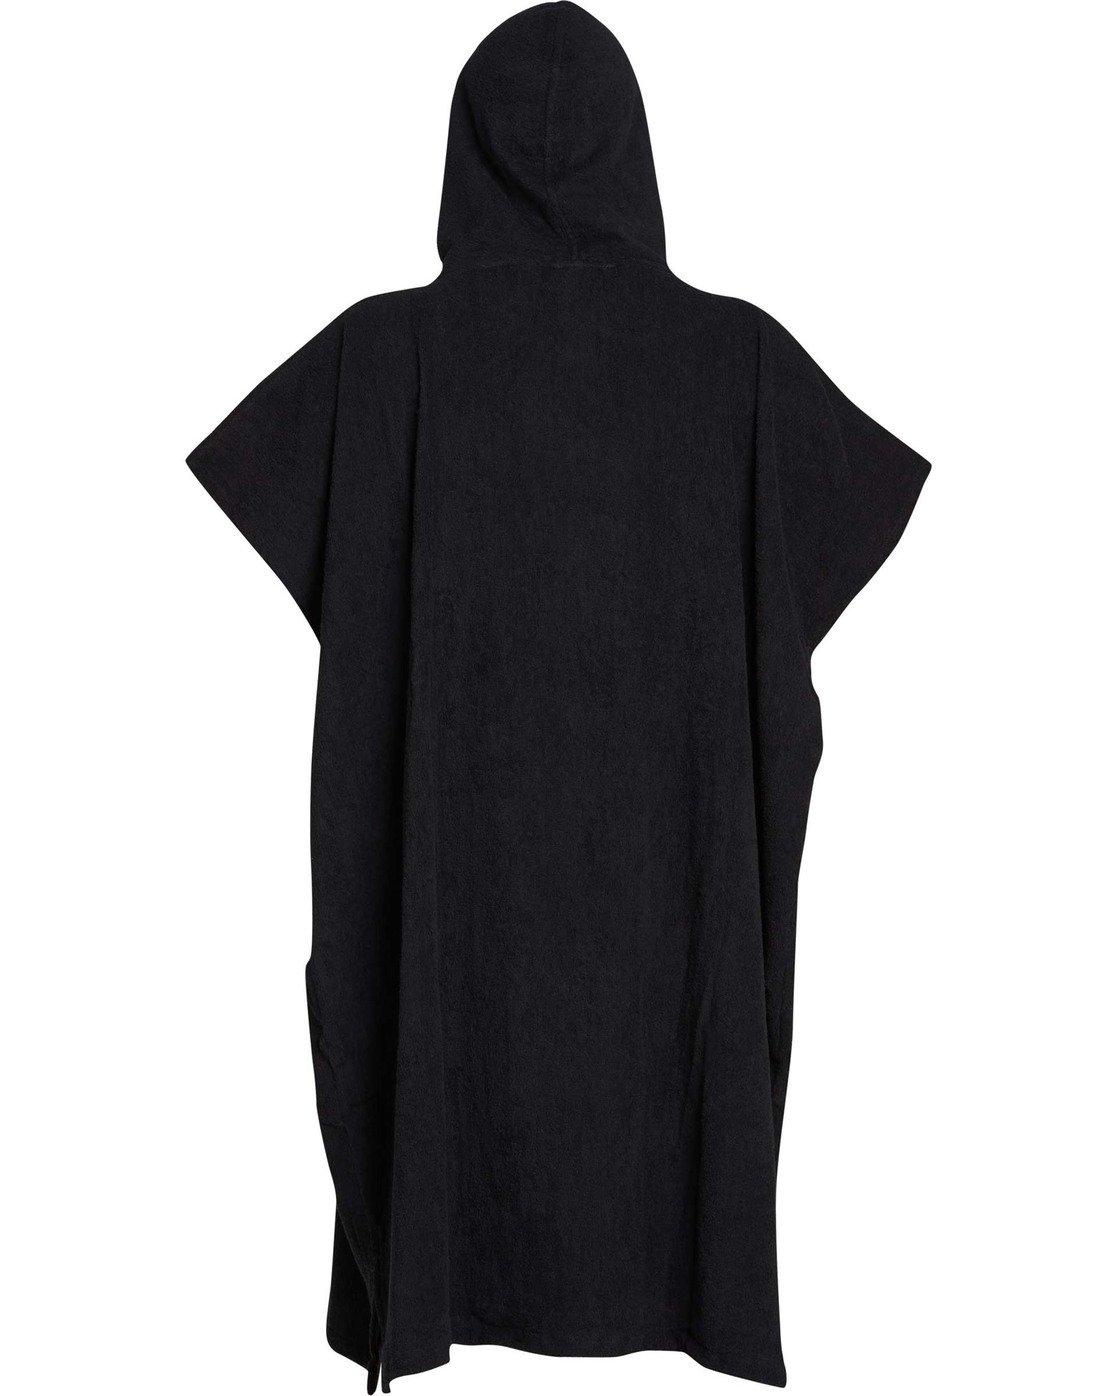 b91fed5d42 Mens Hoodie Towel